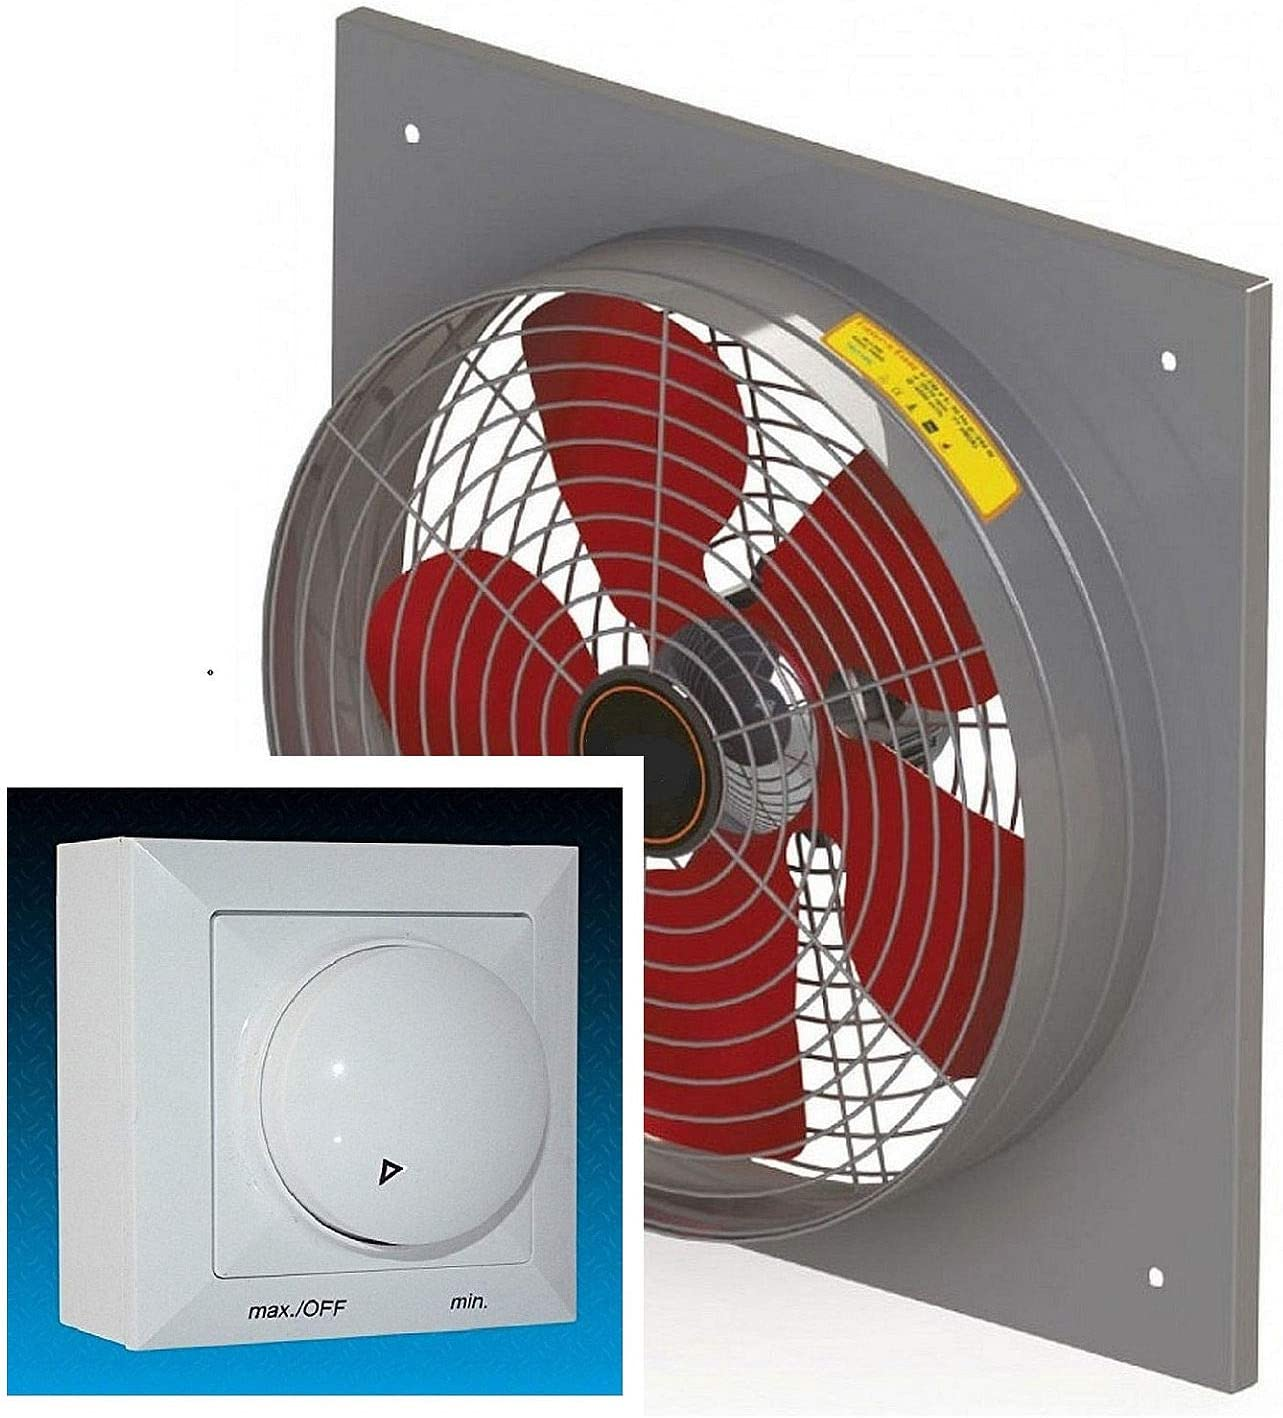 600mm Ventilador Industrial con 500 Watt Regulador de Velocidat, Ventilación Extractor Ventiladores Axial axiales Helicoidal extractores 60 cm